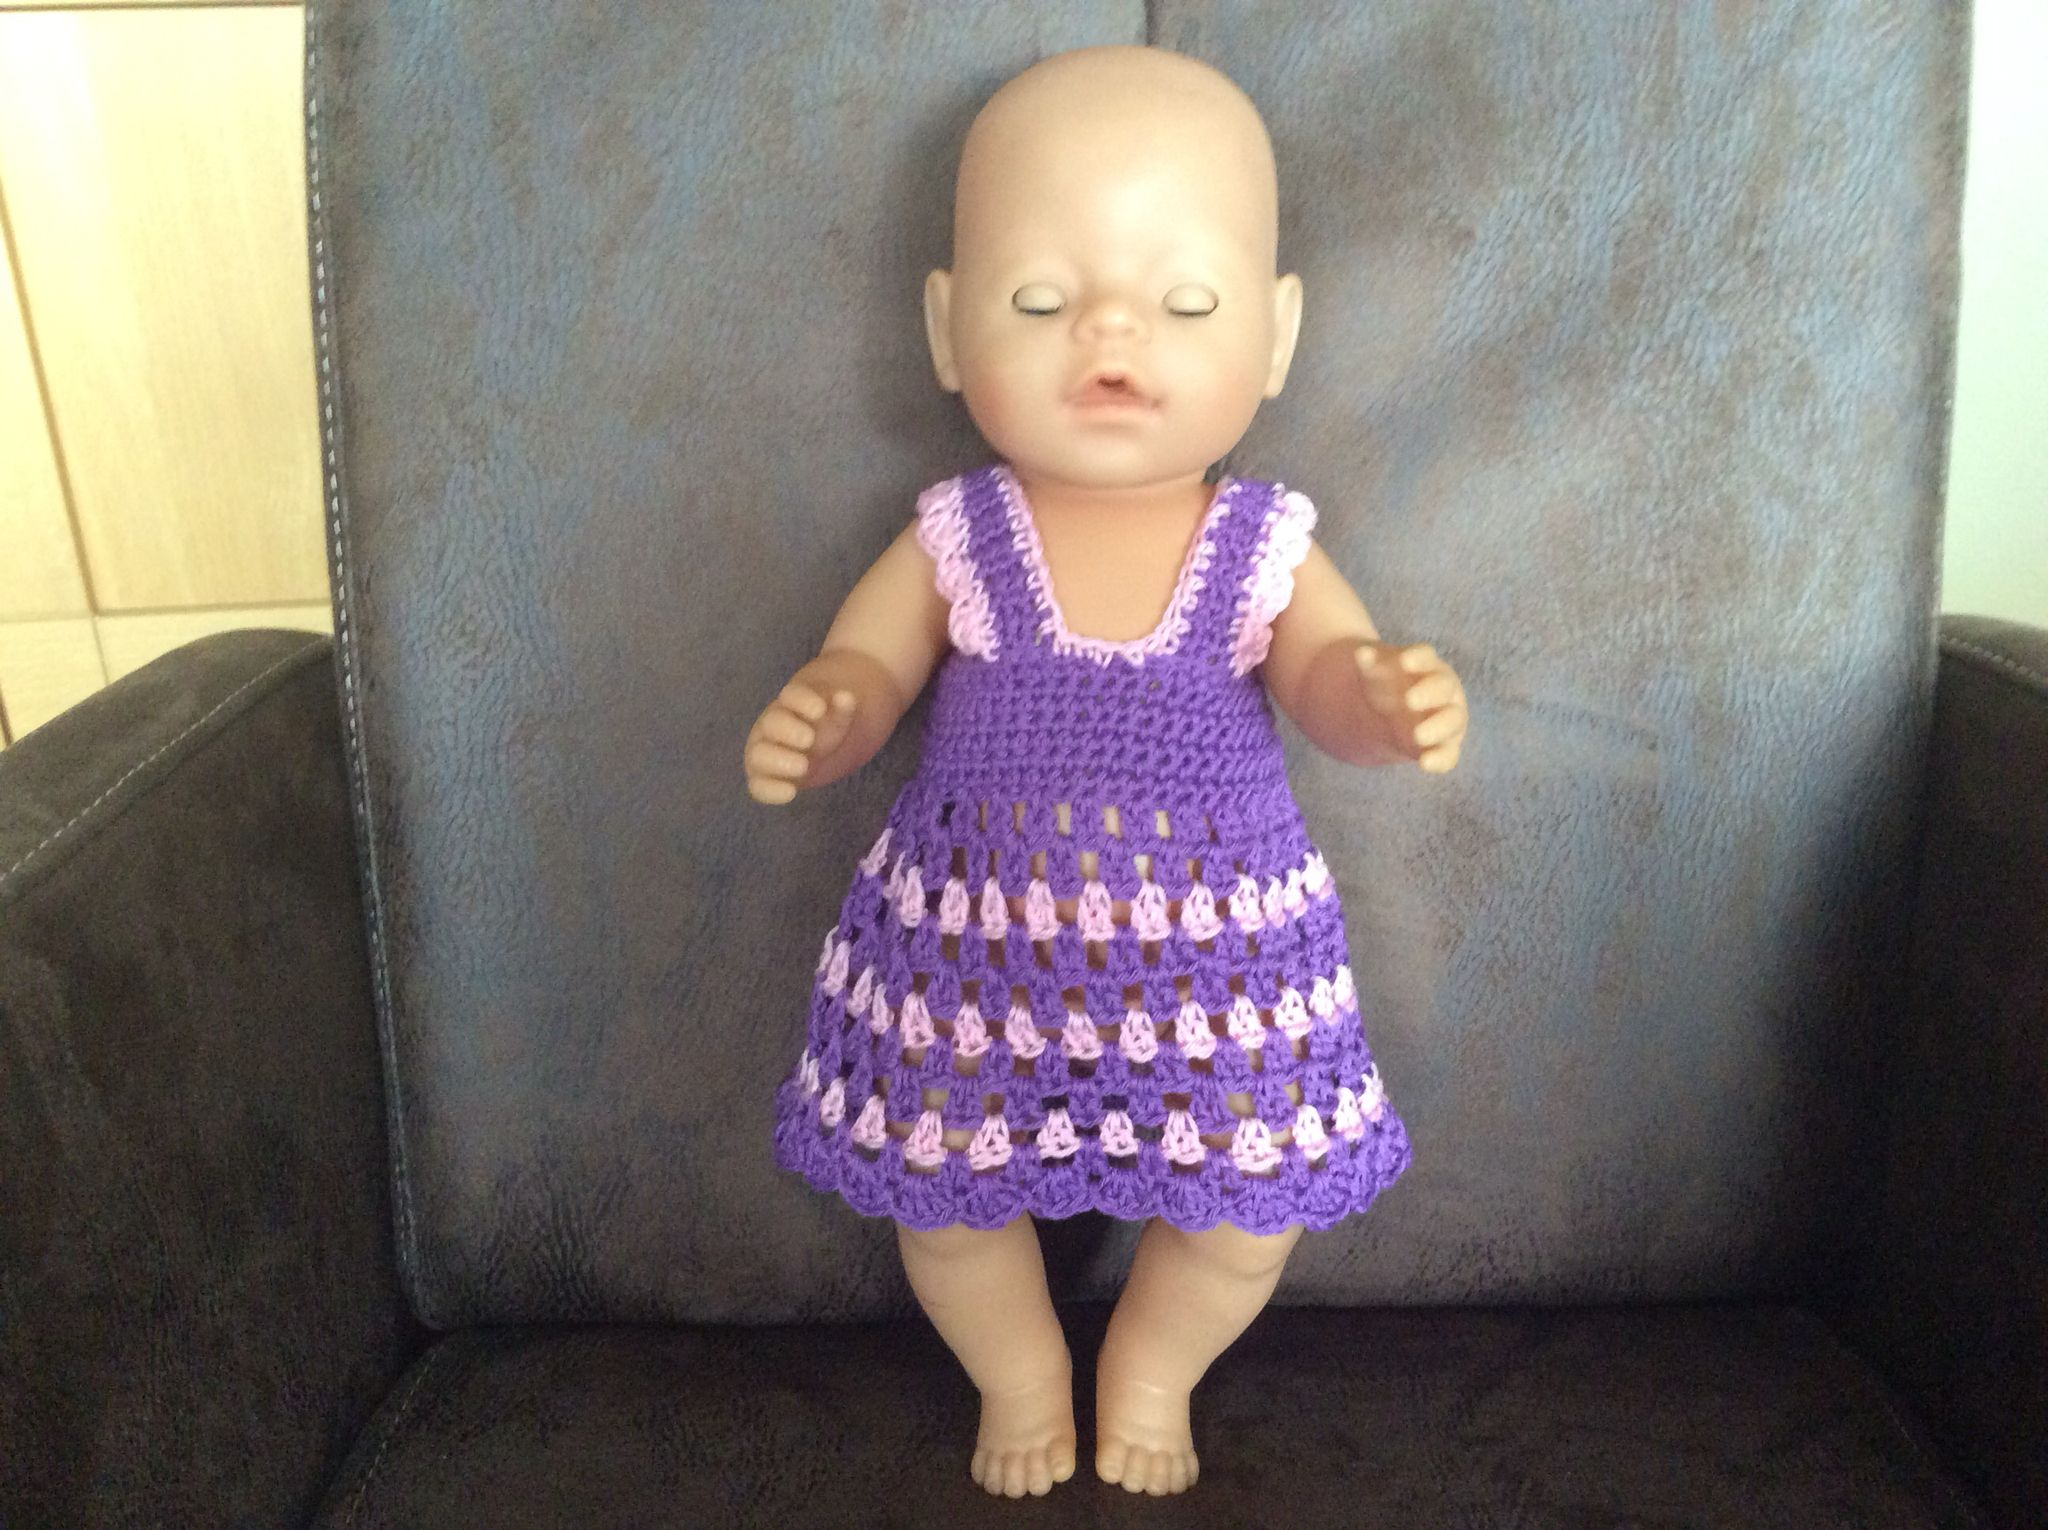 Haakpatroon Baby Born 43 Cm 50 Losse Opzetten 7 Toeren Vaste